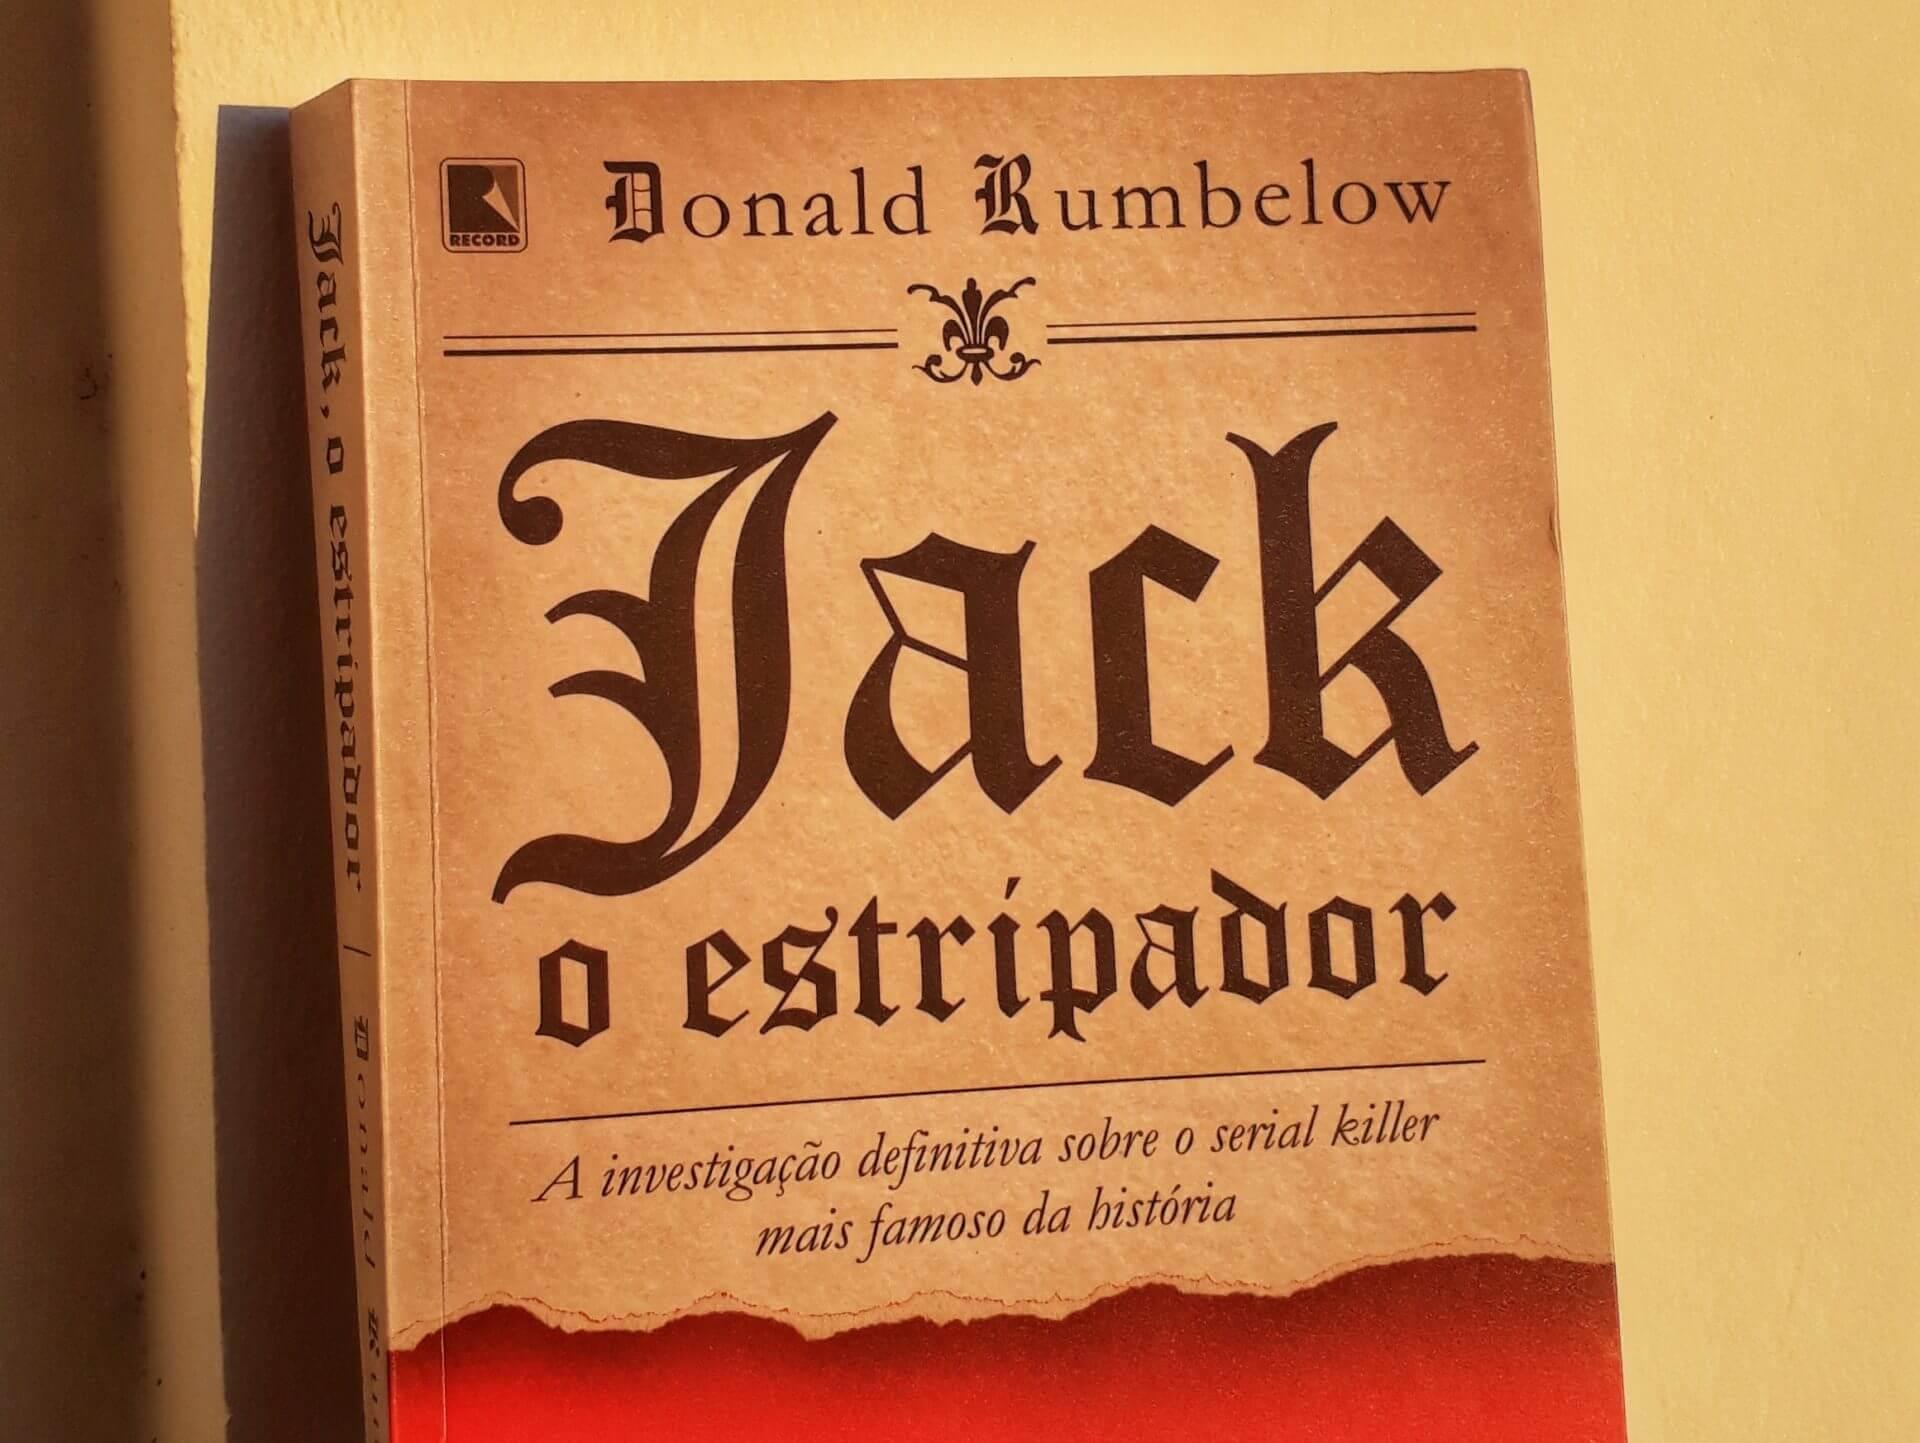 Jack, O Estripador, a investigação definitiva sobre o serial killer